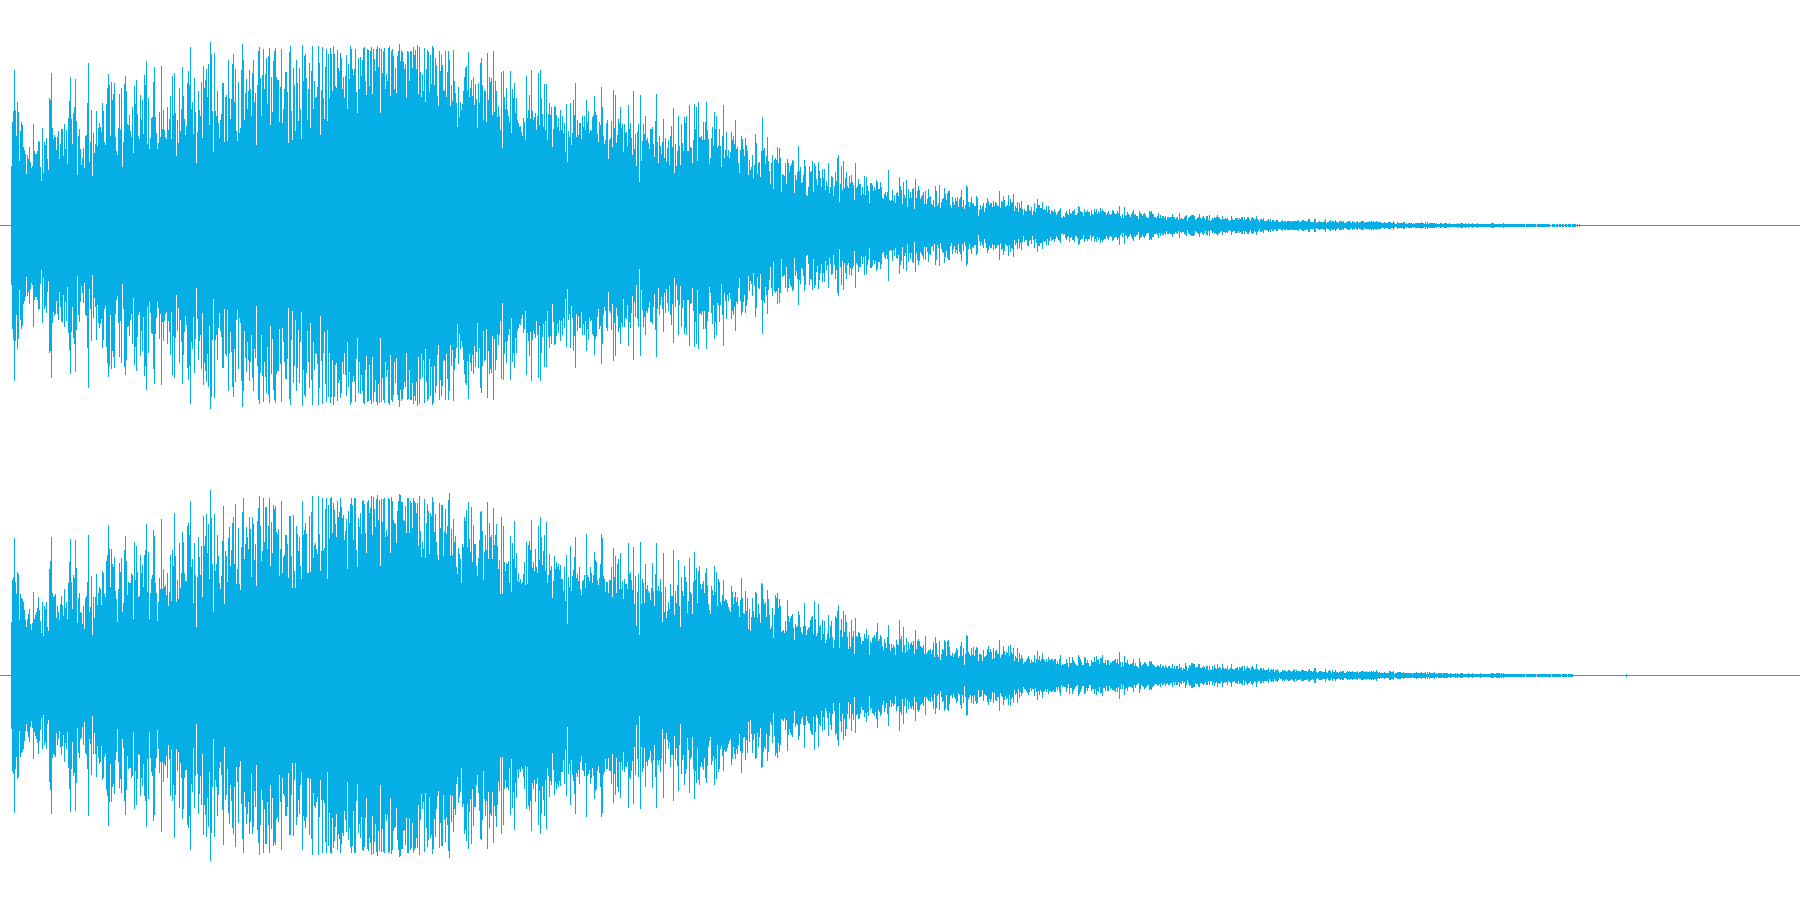 ビブラフォン系アップ(ビブラ)豪華の再生済みの波形